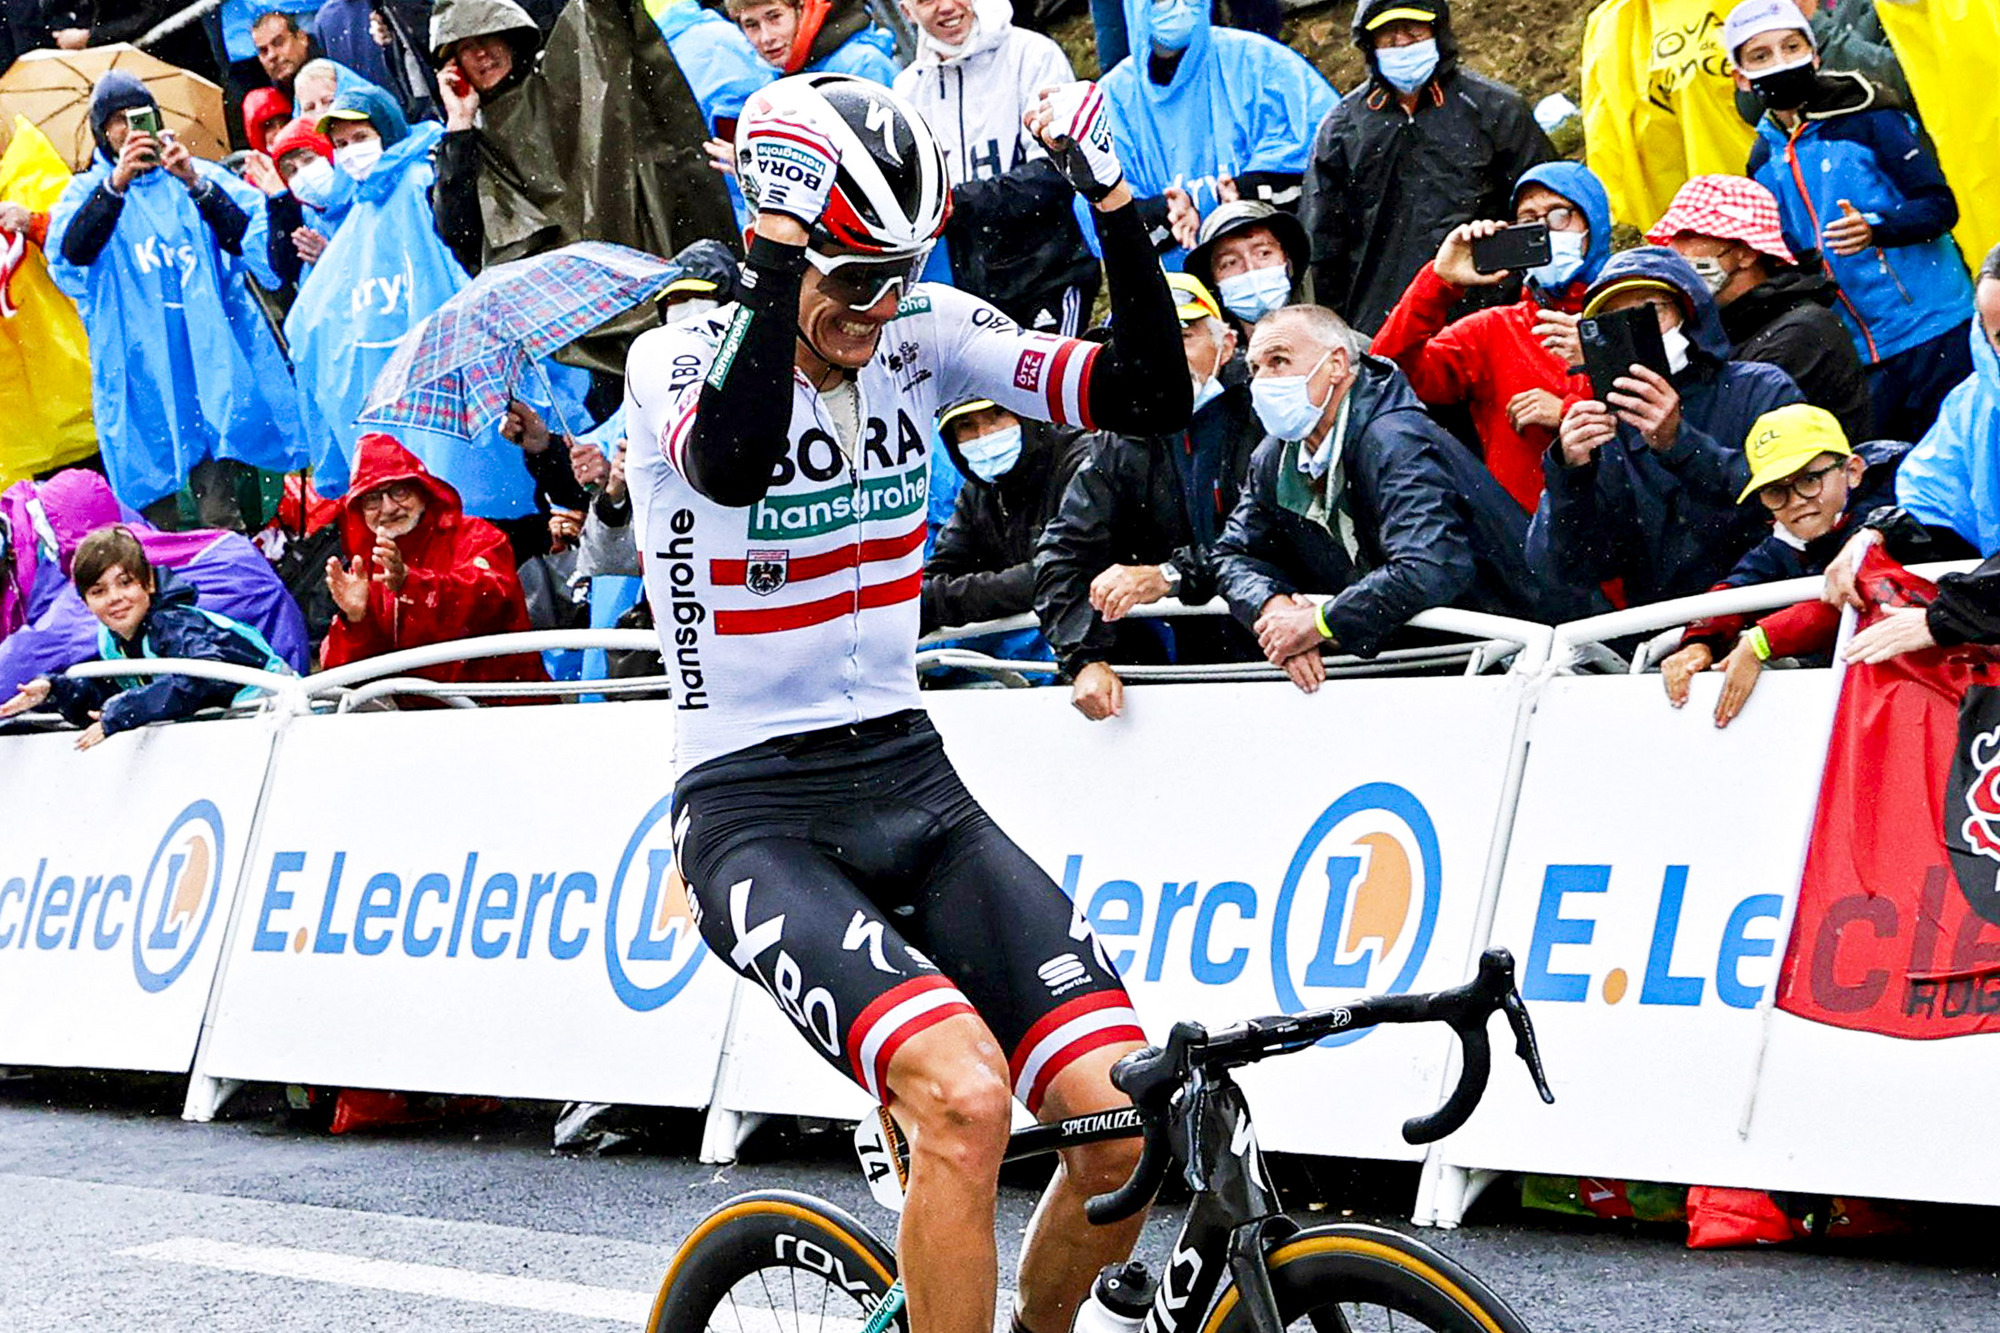 Tour de France 2021 - 108th Edition - 16th stage El Pas de la Casa - Saint-Gaudens 169 km - 13/07/2021 - Patrick Konrad (AUT - Bora - Hansgrohe) - photo Gregory Van Gansen/PN/BettiniPhoto©2021